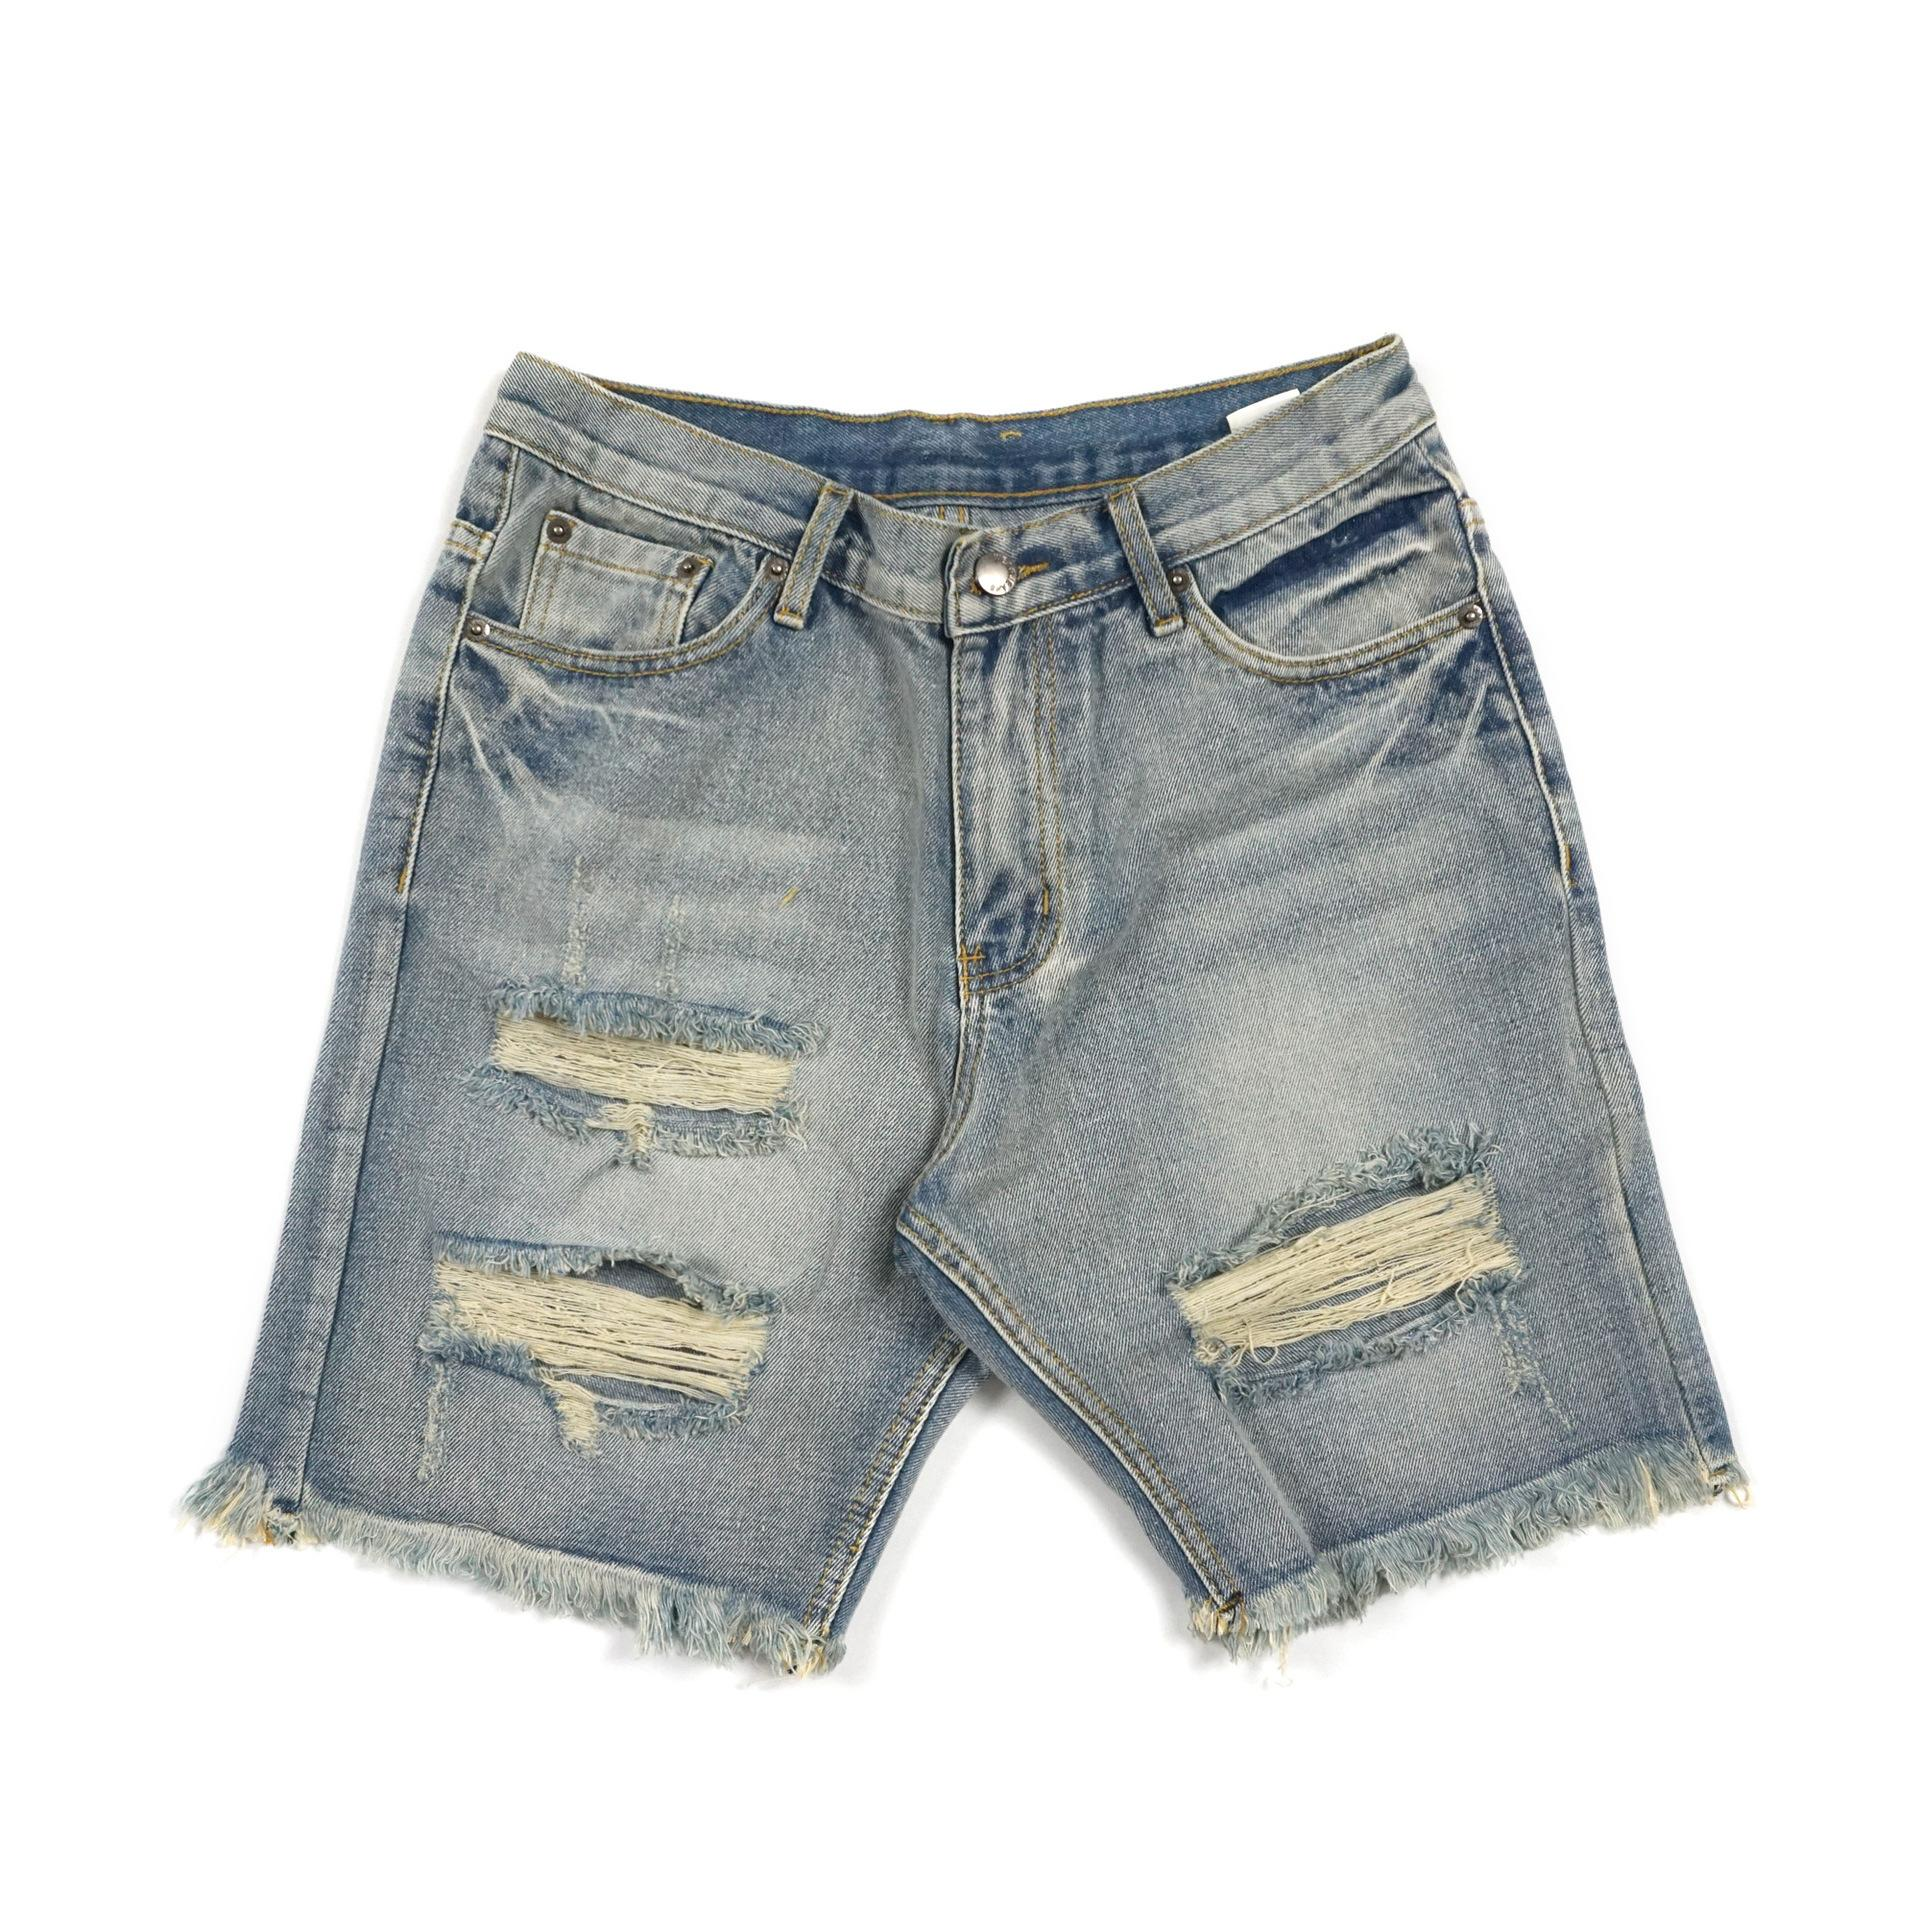 Luxury Beach Pantaloni New Fashion Mens corti di design solido casuale scheda Colore Pantaloncini originale High Street Beggar foro del denim della lavata Shorts